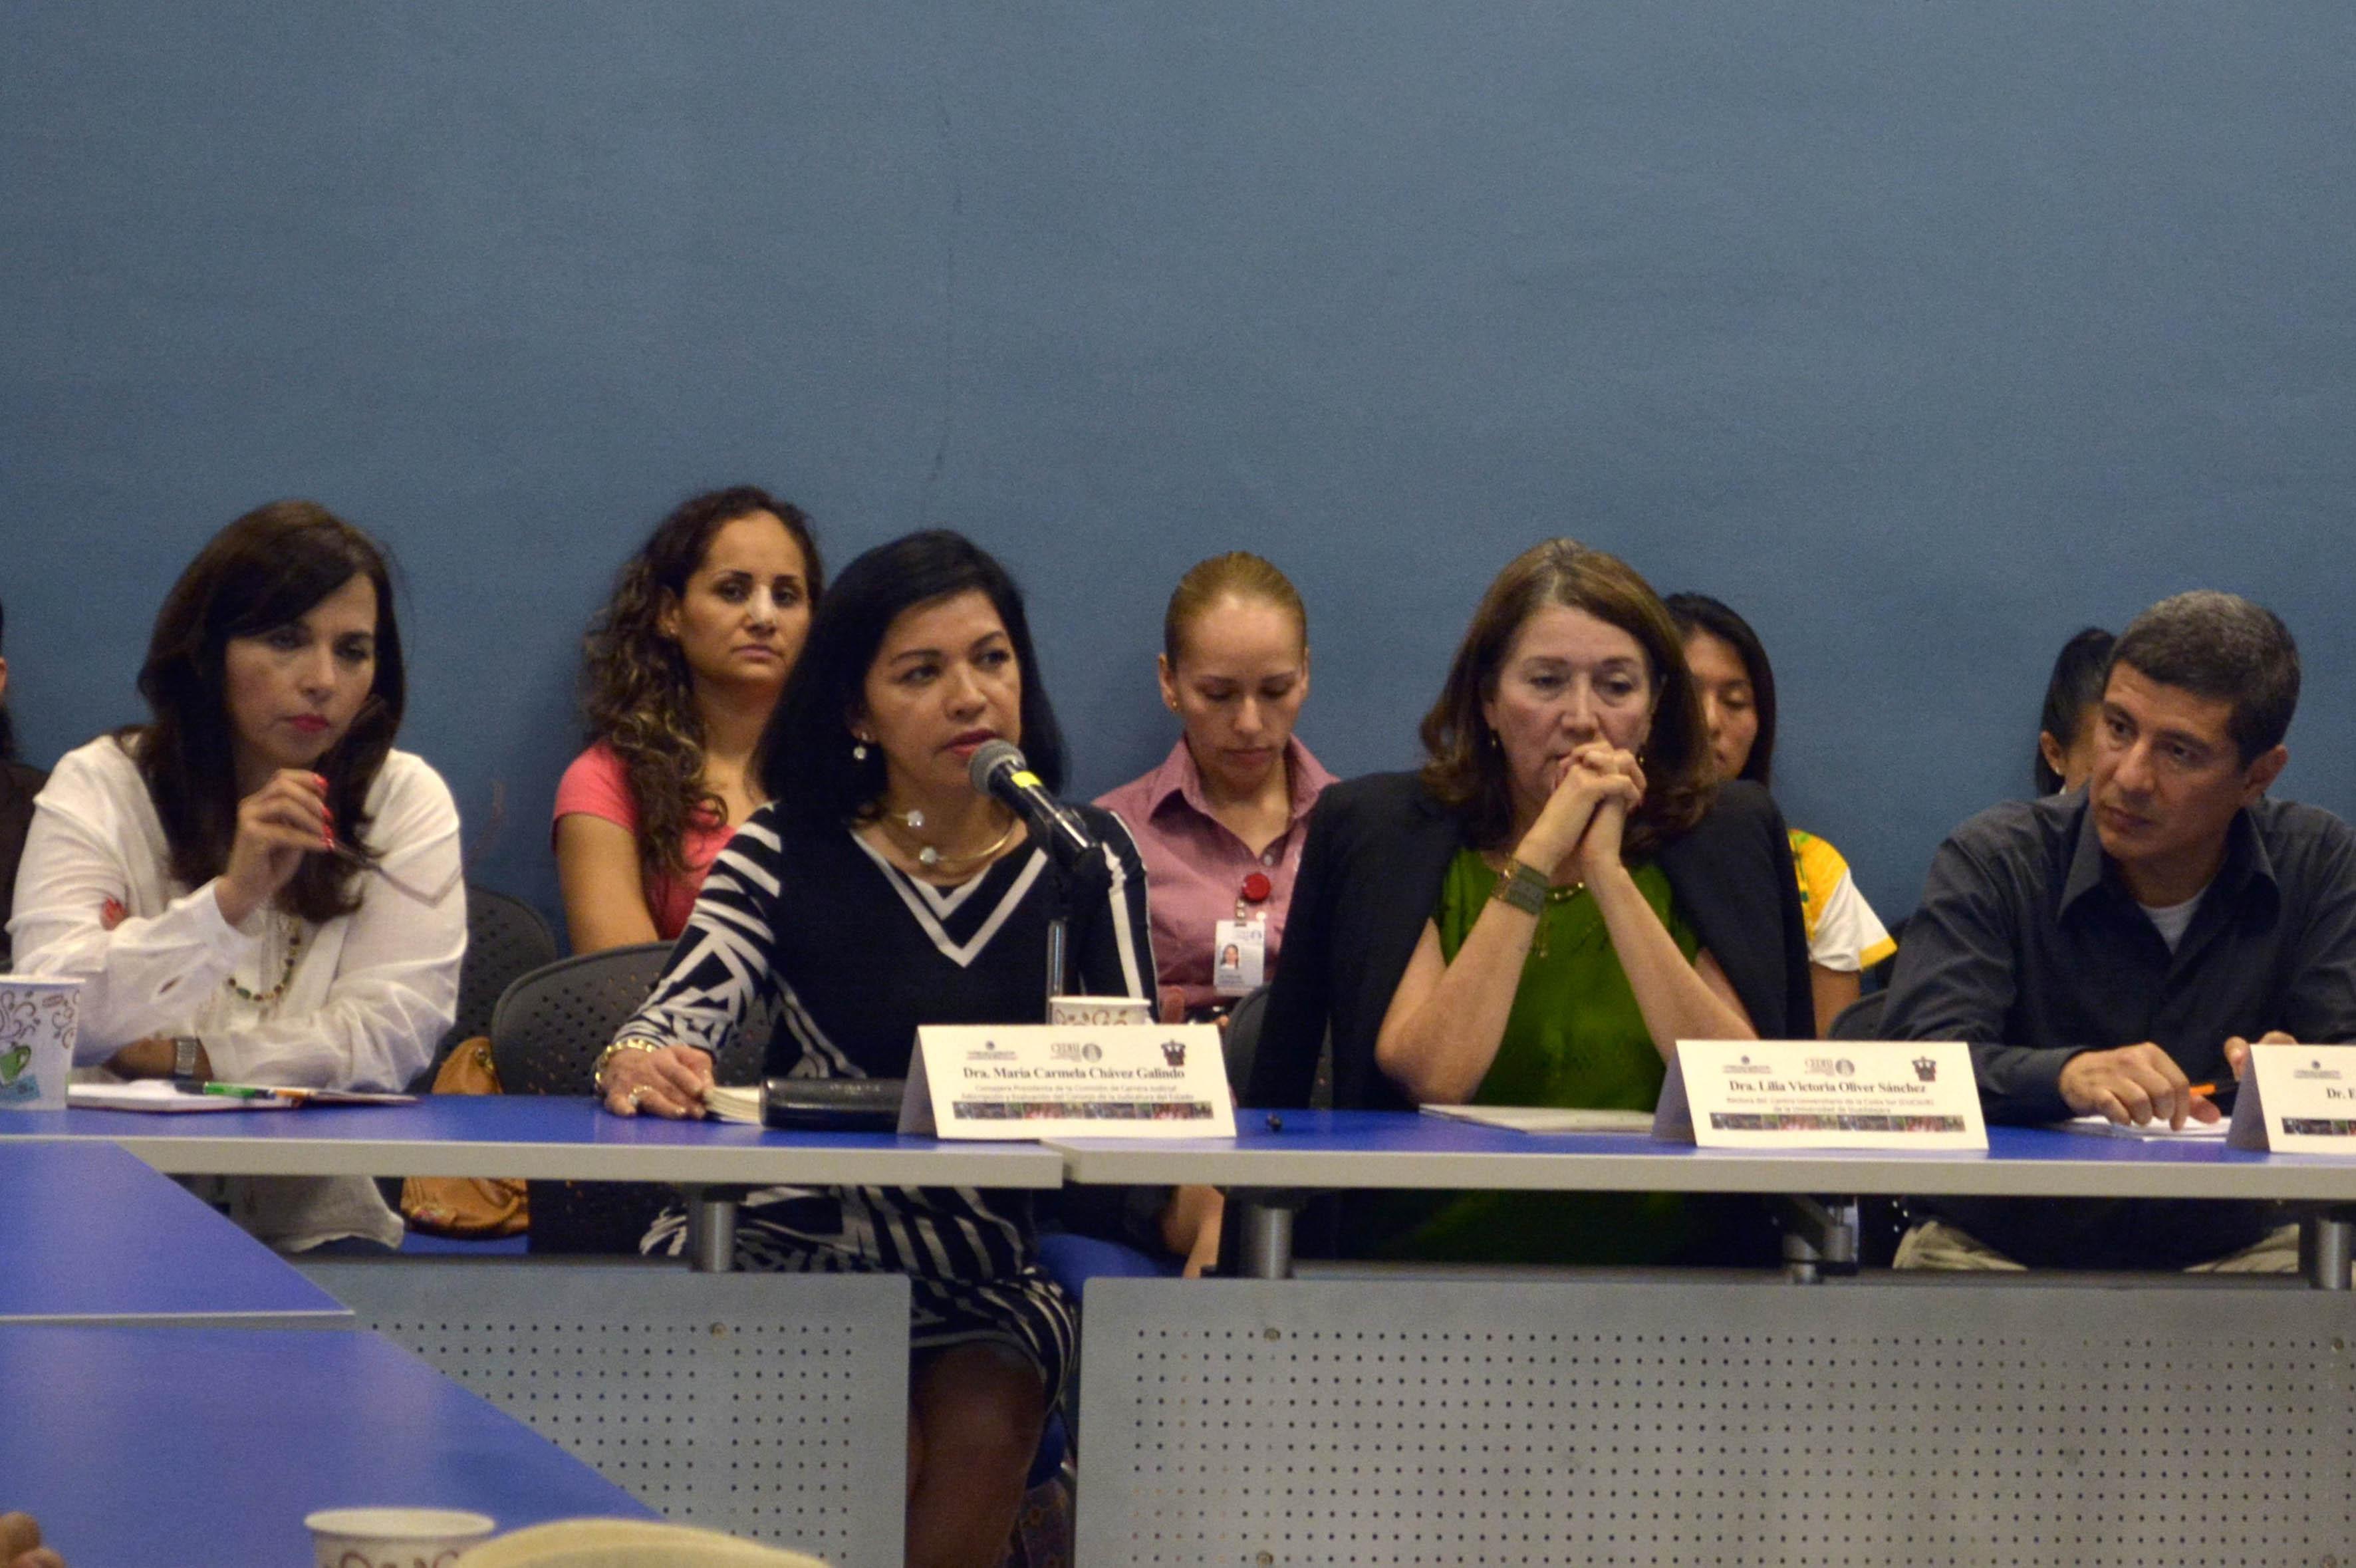 Doctora María Carmela Chávez Galindo, consejera presidenta de la comisión de carrera judicial del CJEJ, frente al micrófono